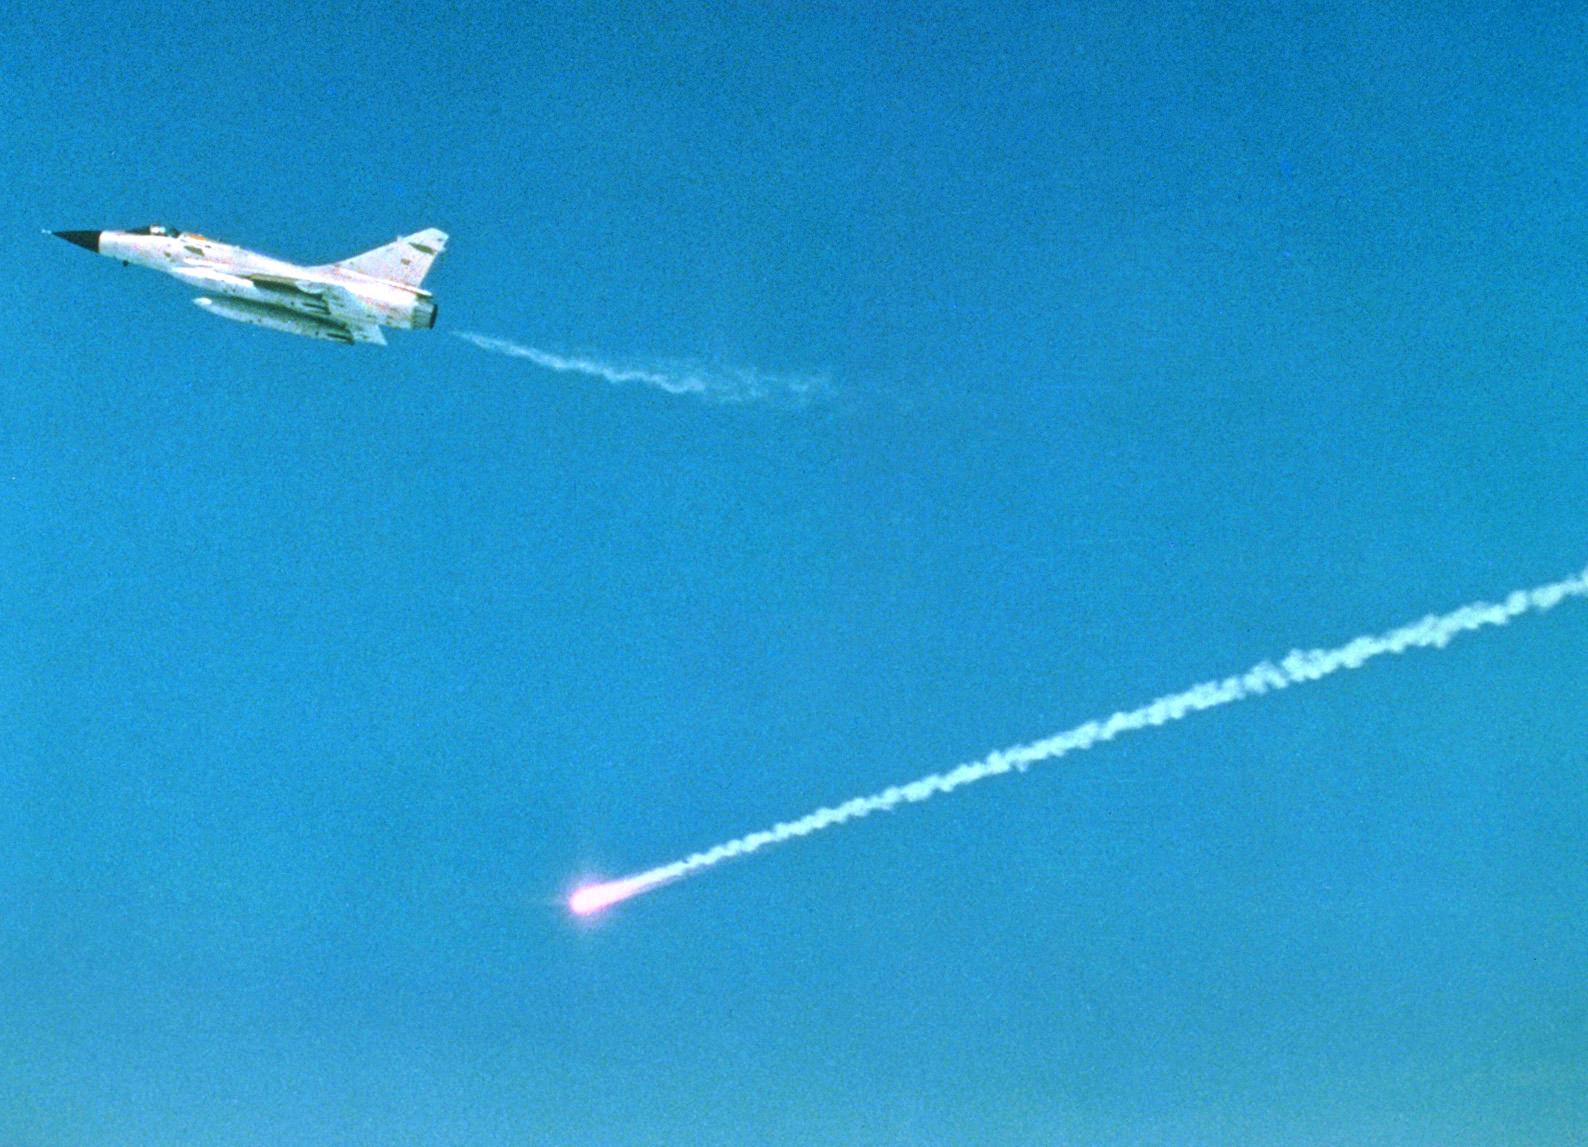 SPIRALE firing from a Mirage 2000